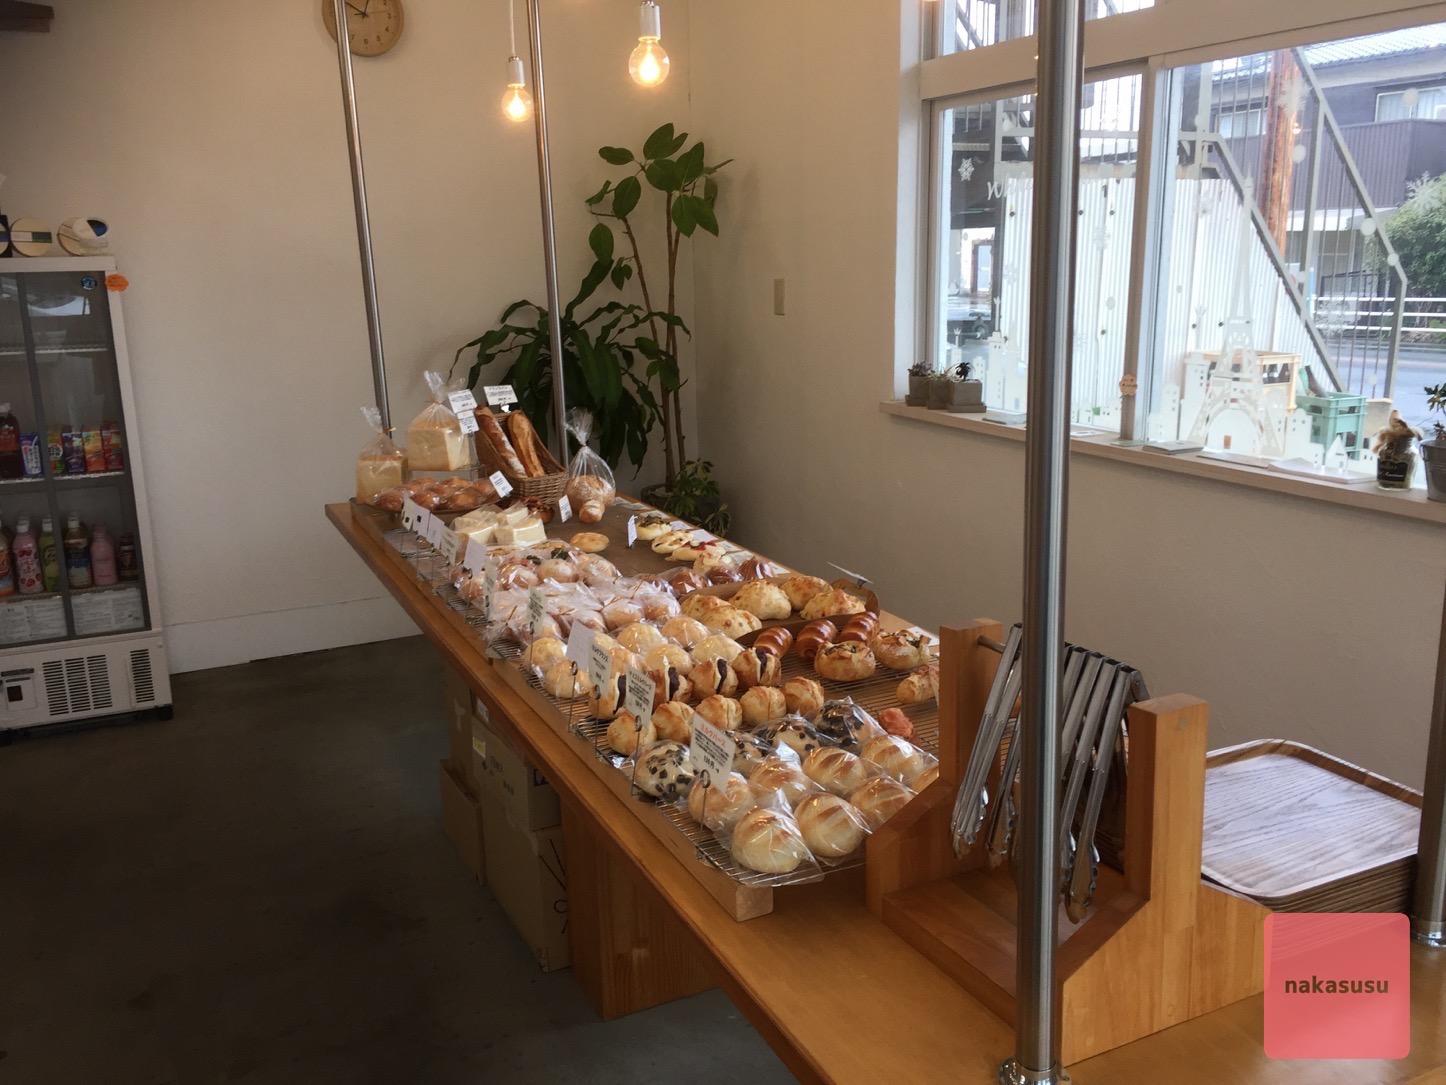 ザクザク!吉富町の「Terroir(テロワール)」はハード系パン好きさん必見!